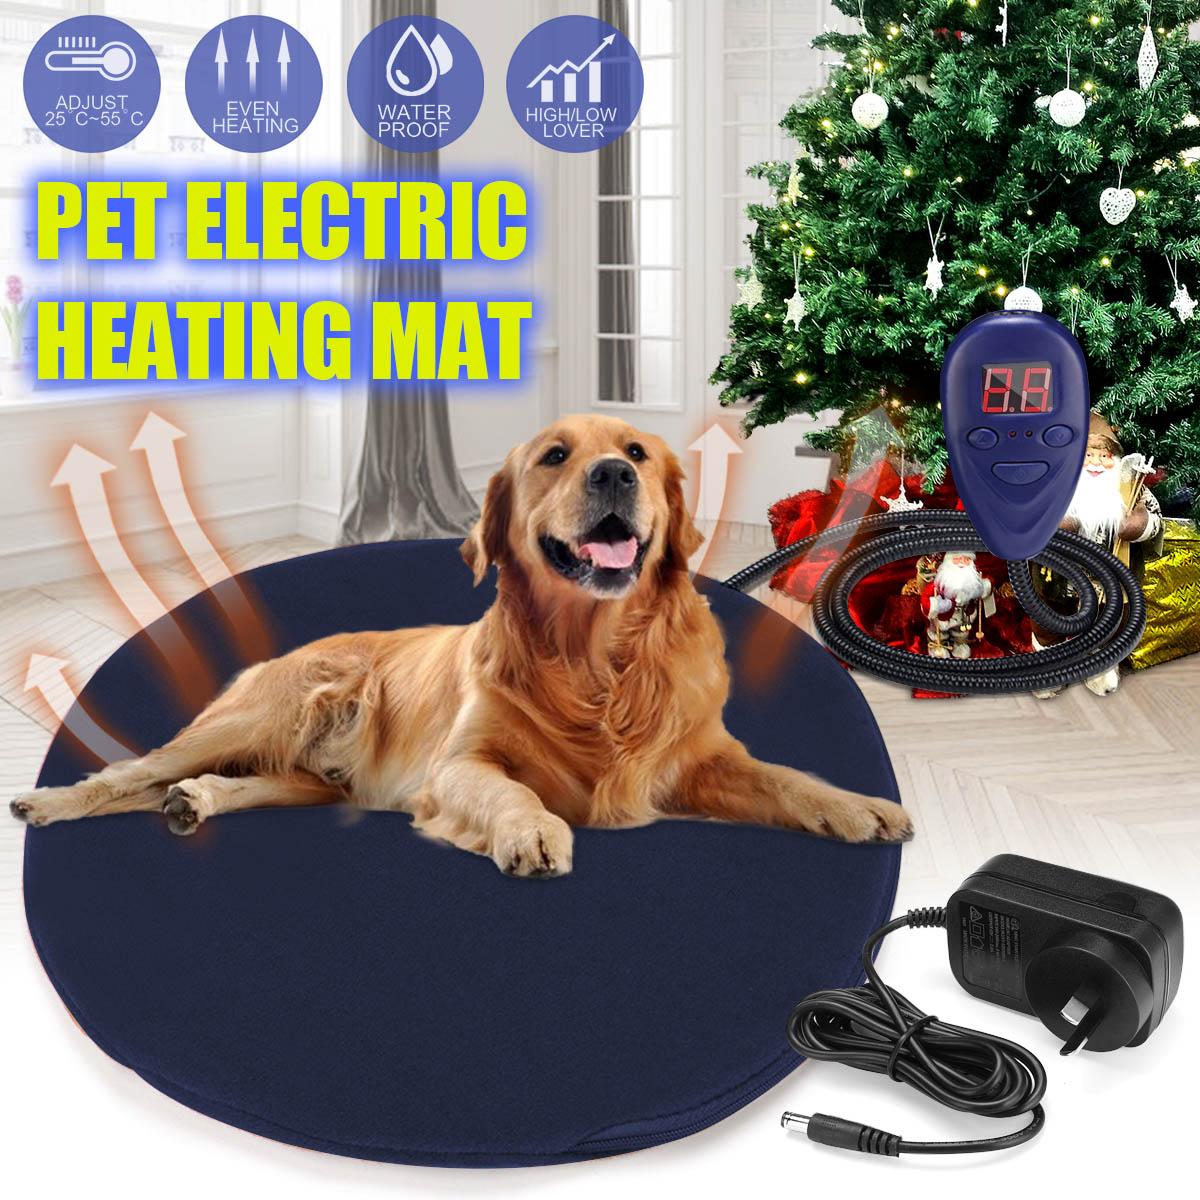 12V宠物狗小猫防水电加热加热垫垫热保护床温度可调节酿酒垫30厘米床制作工具